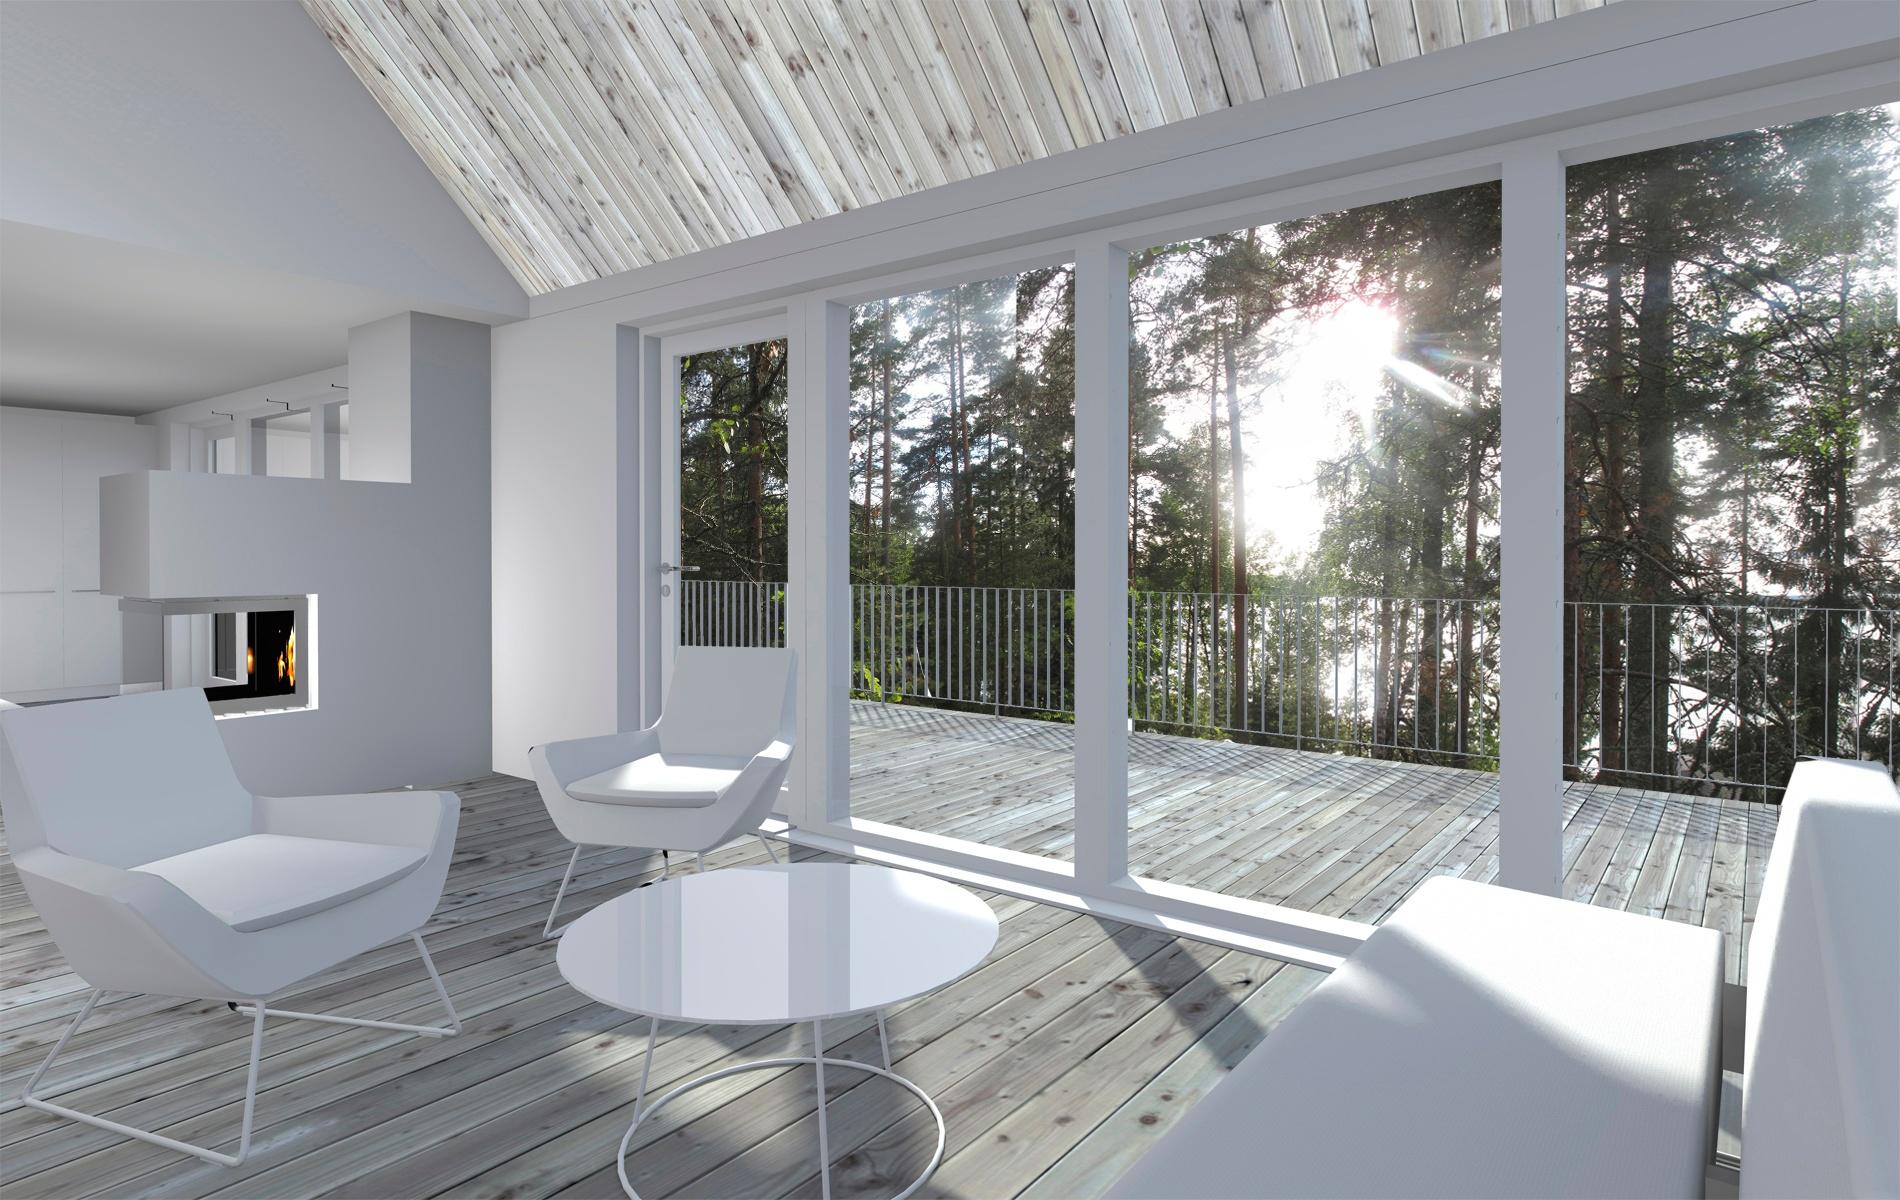 Sunhouse Saaristolaistalo M2 (3)_72ppi.jpg